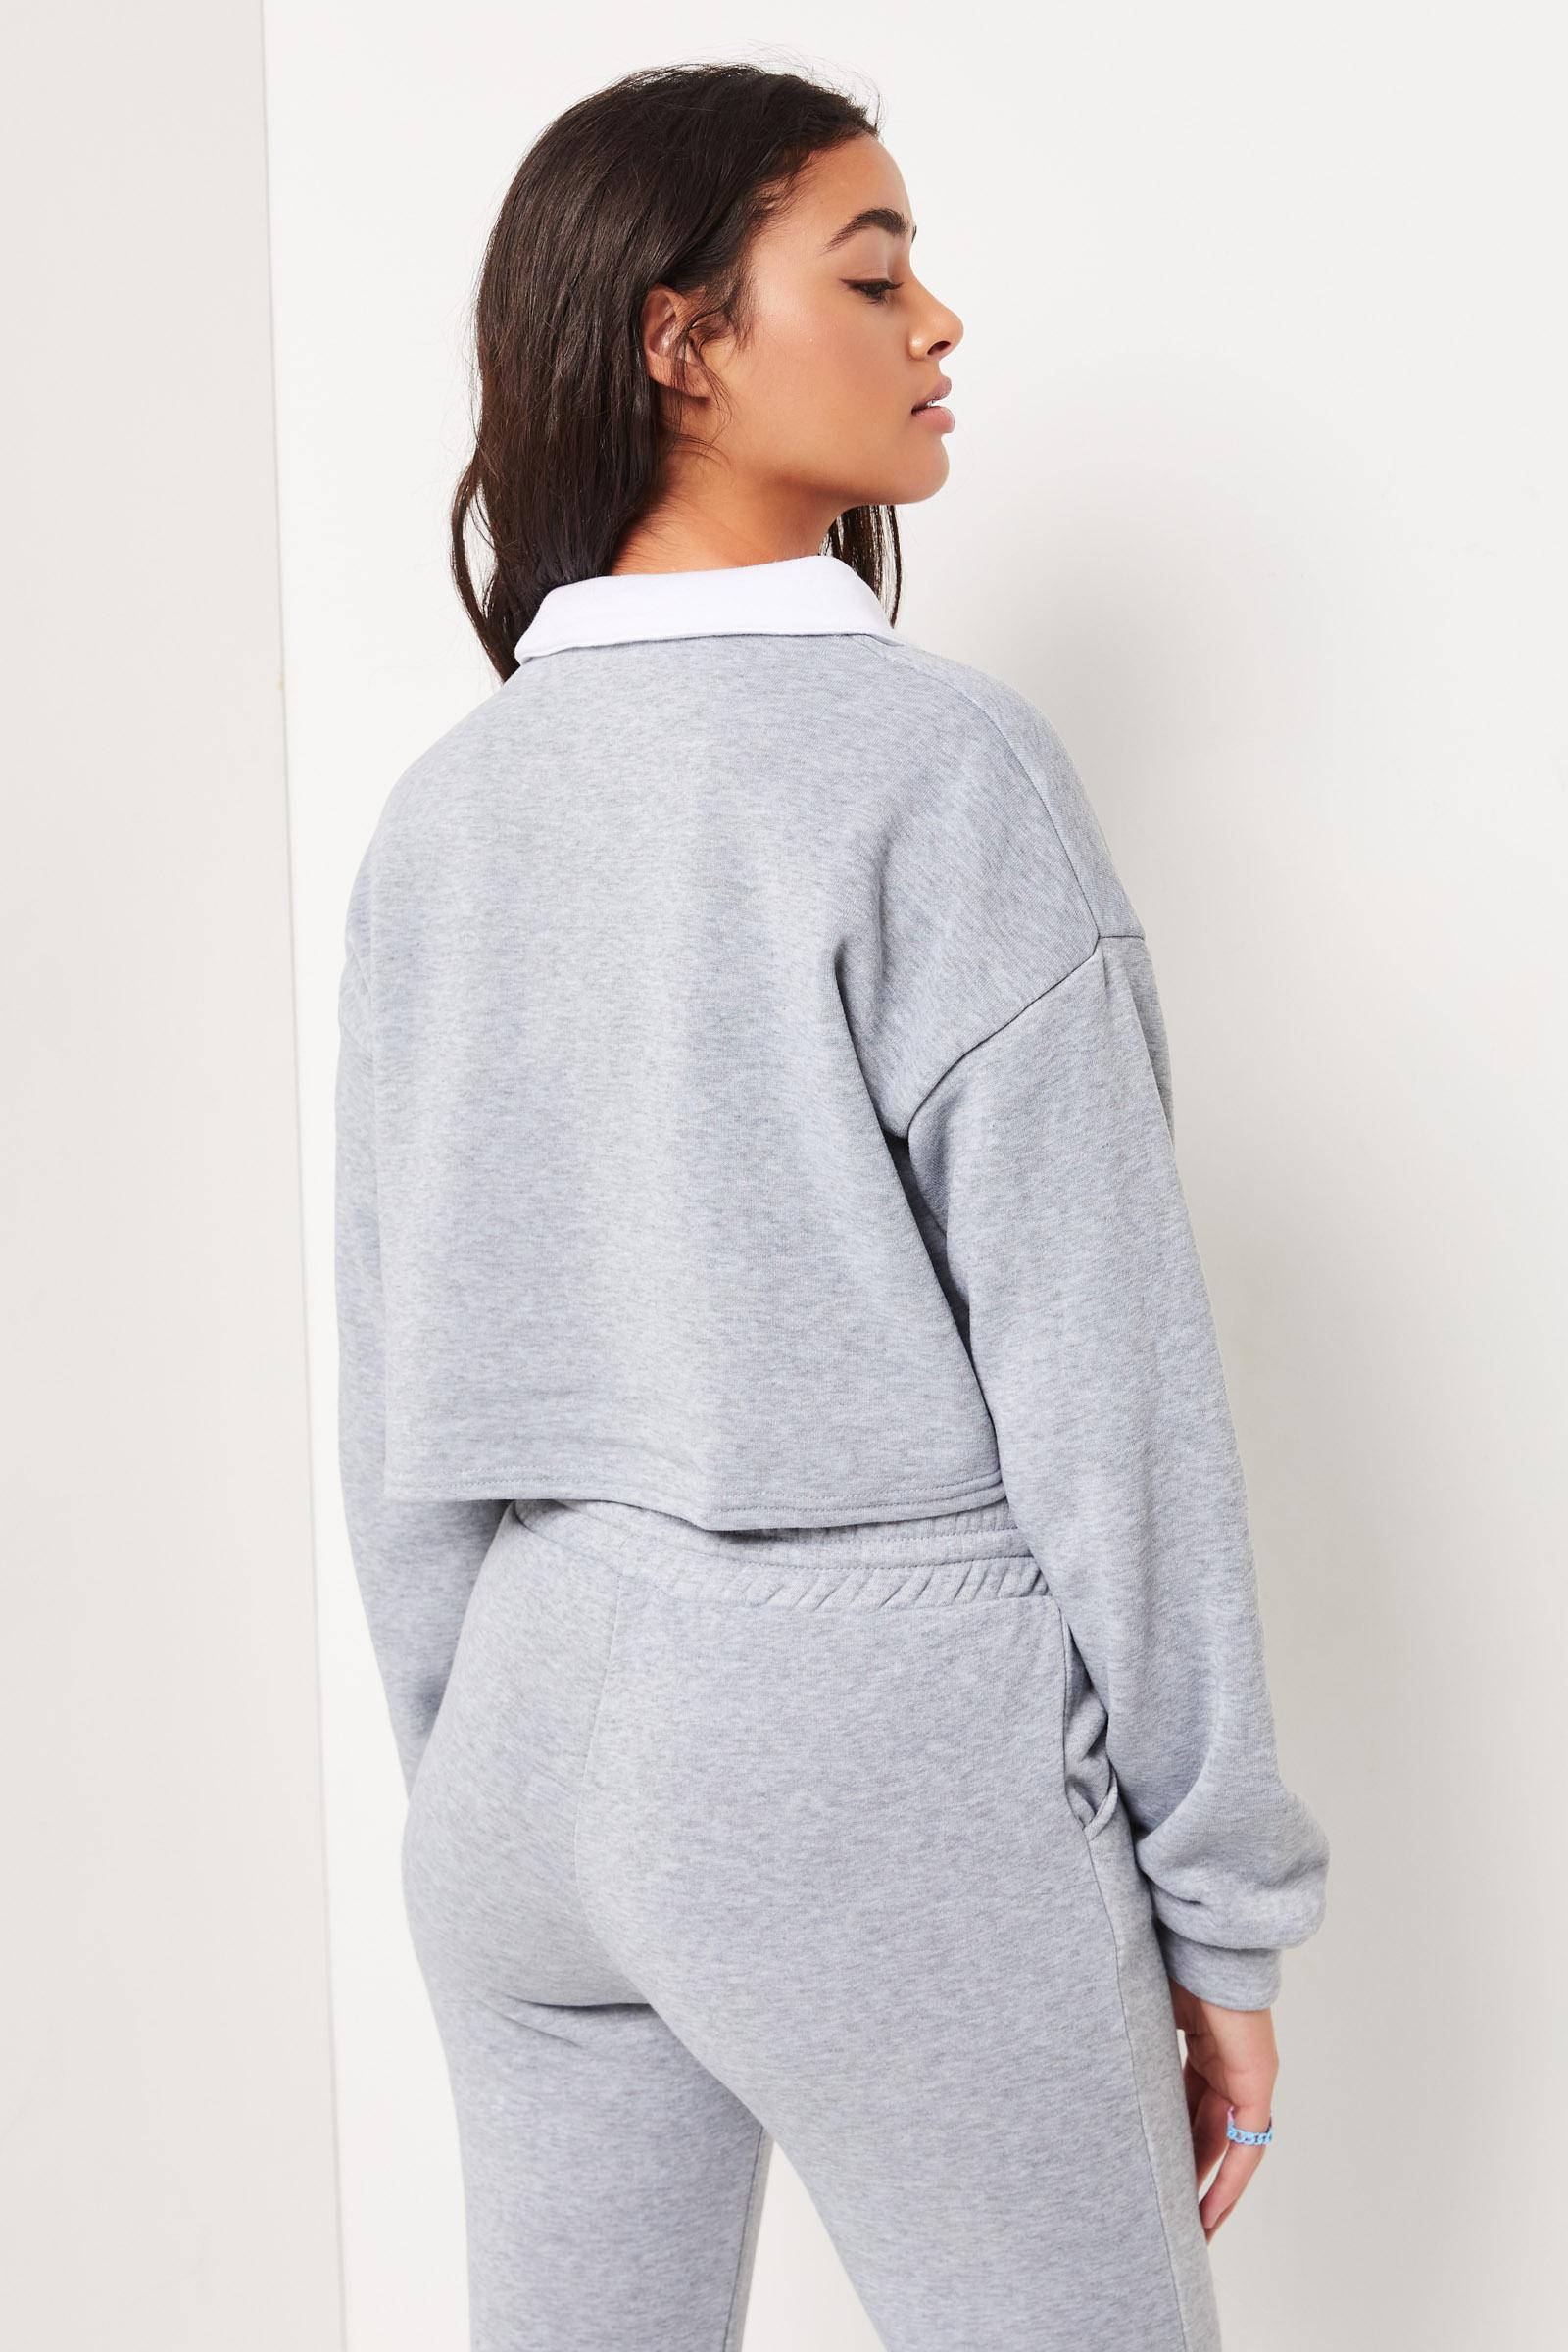 Tennis Club Polo Sweatshirt